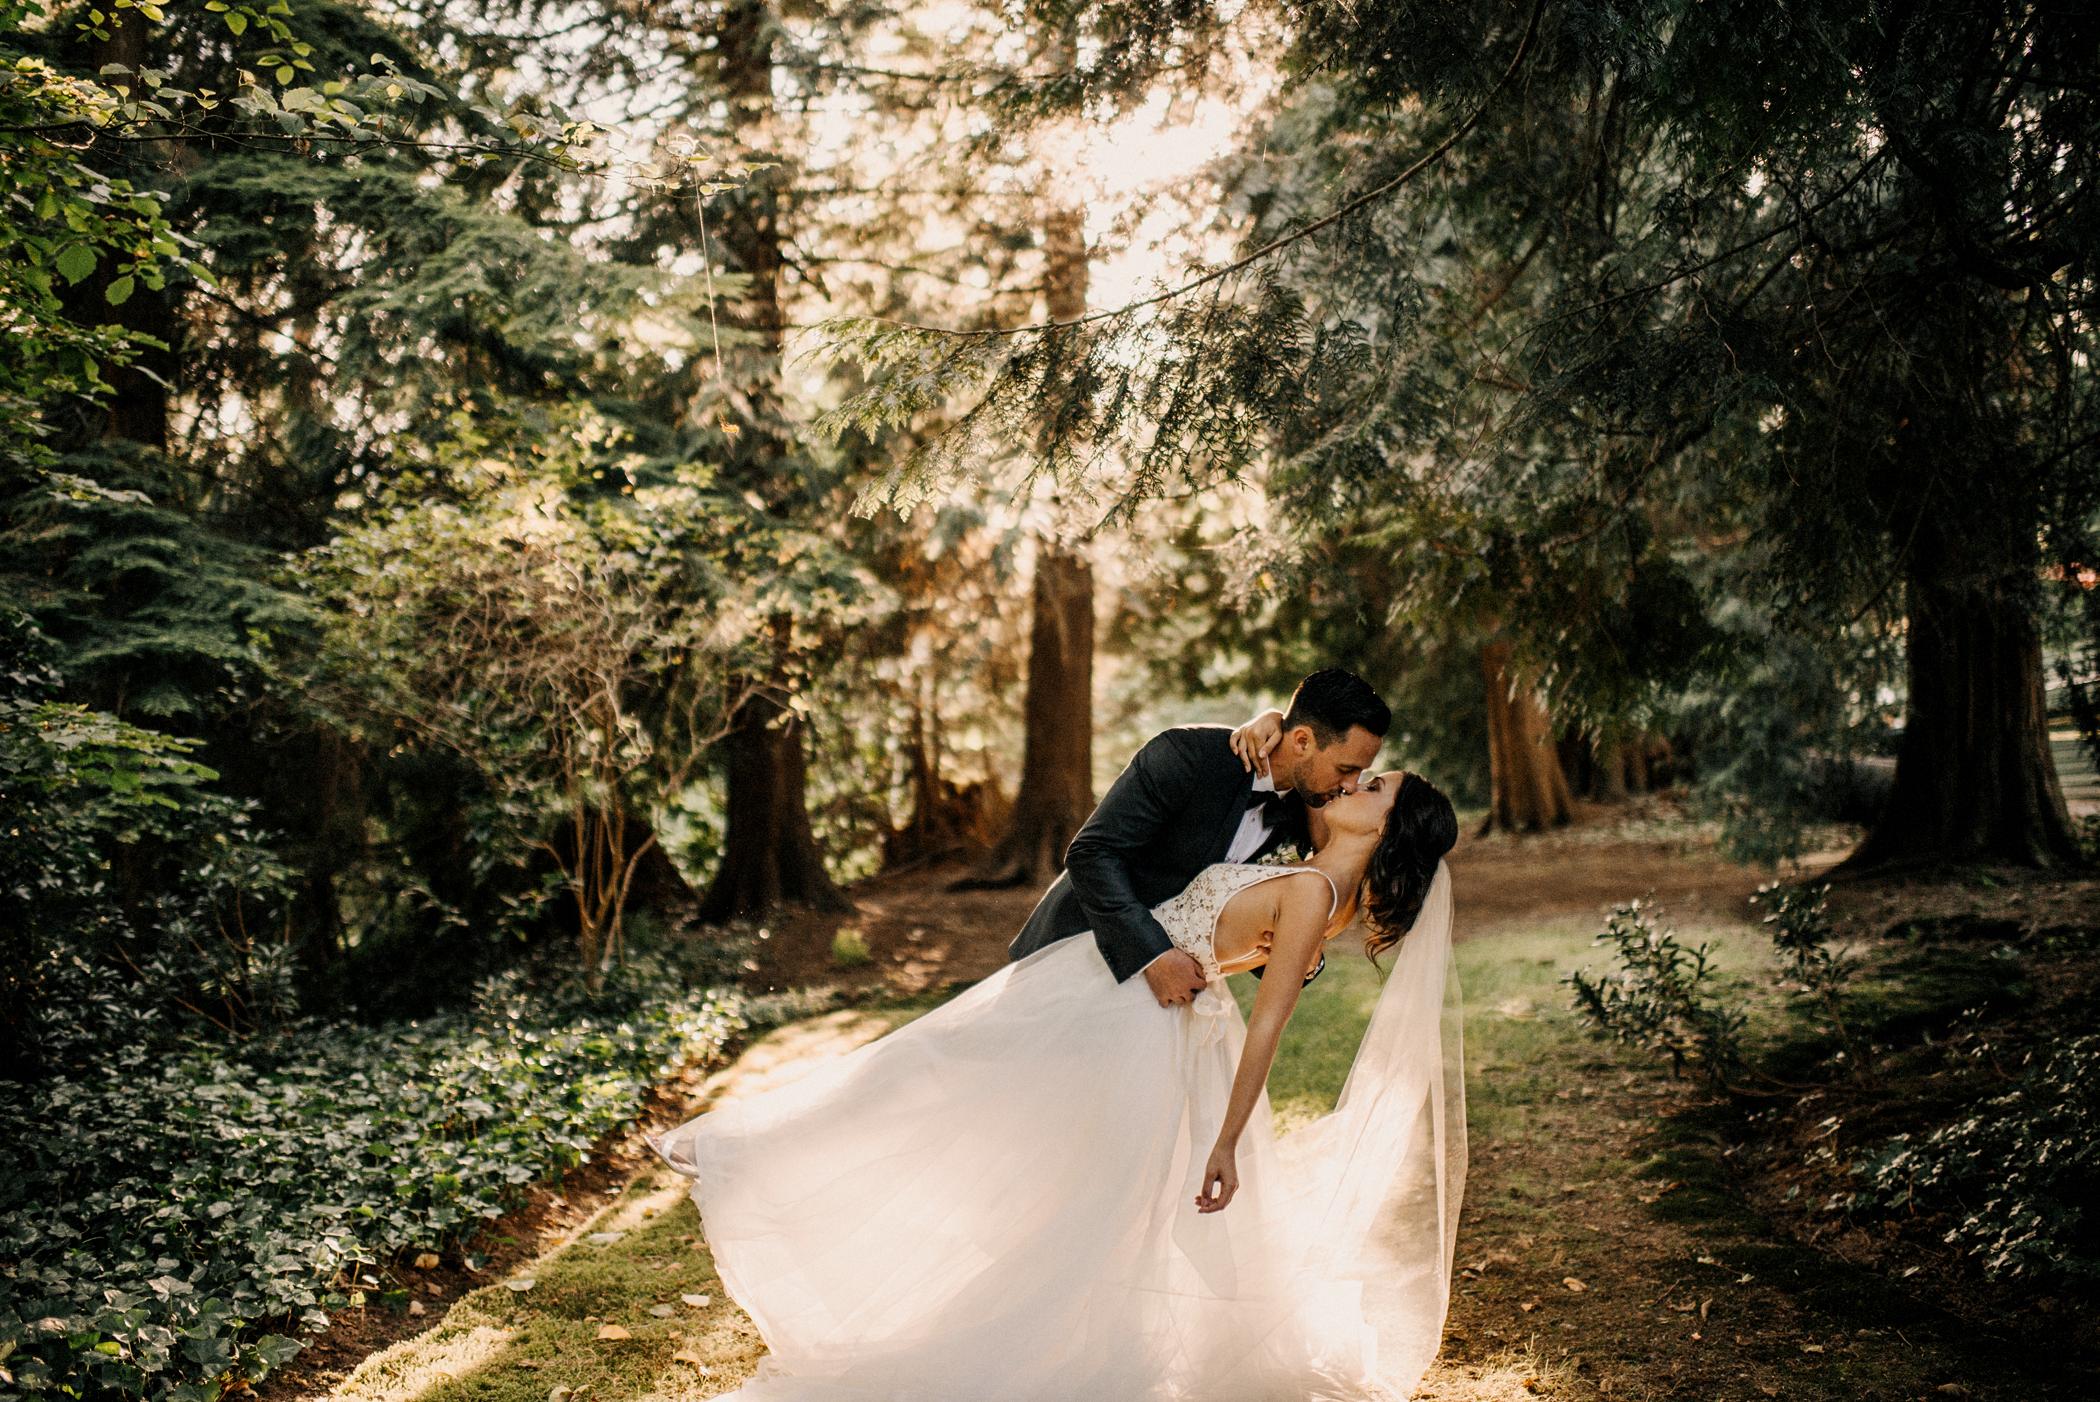 060-kaoverii-silva-KR-wedding-vancouver-photography-blog.png